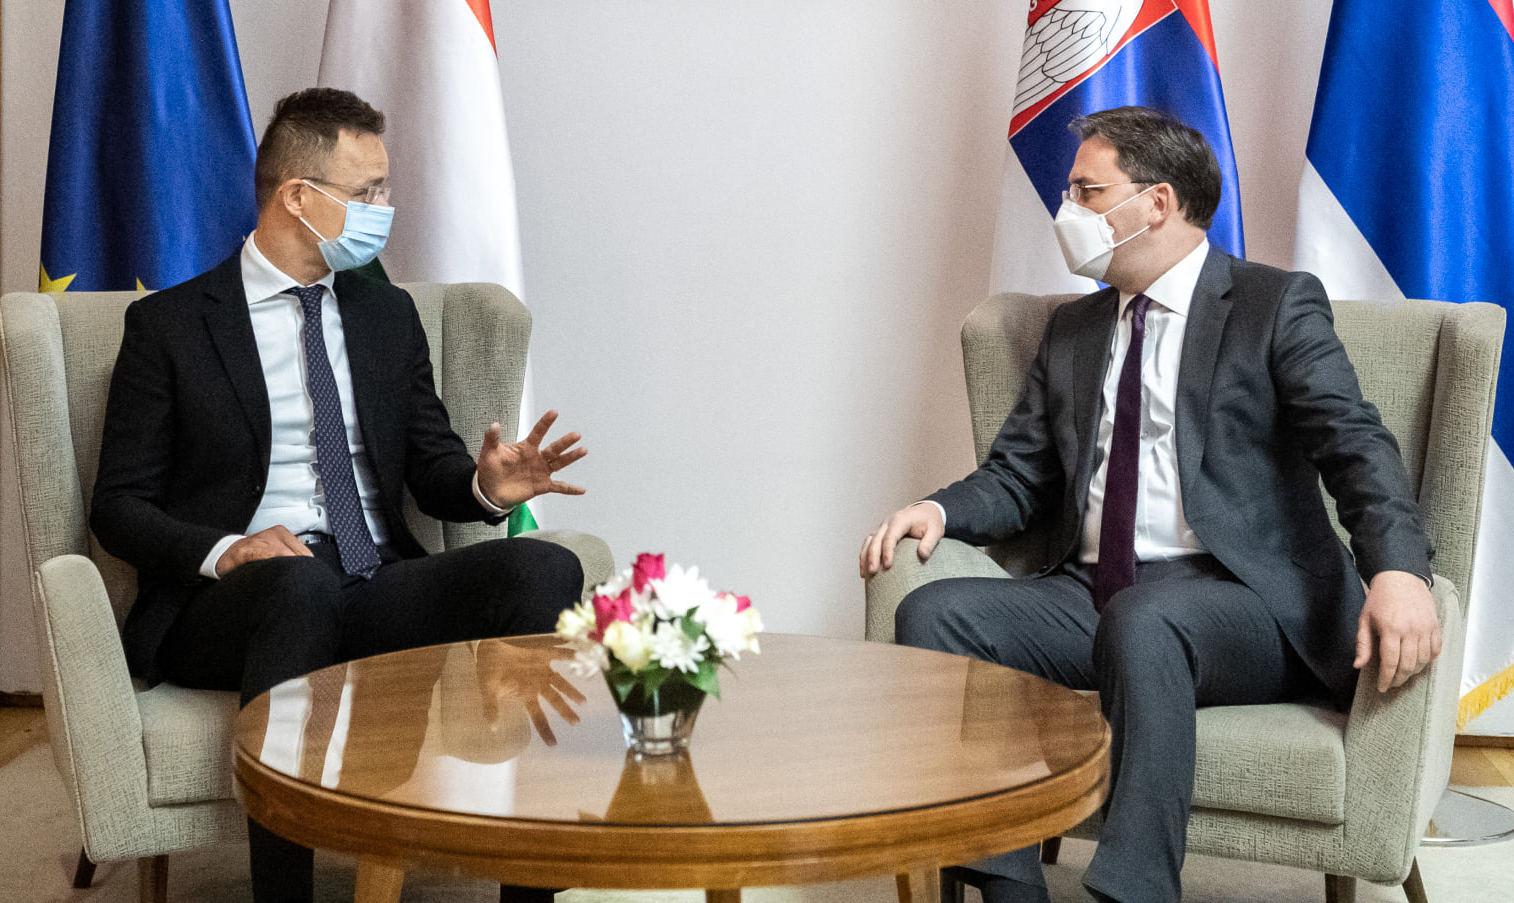 covid SZIJJÁRTÓ: Nem lehet diszkriminatív az esetleges COVID-útlevél, figyeljük az AstraZenecát szijjarto selakovic belgrad